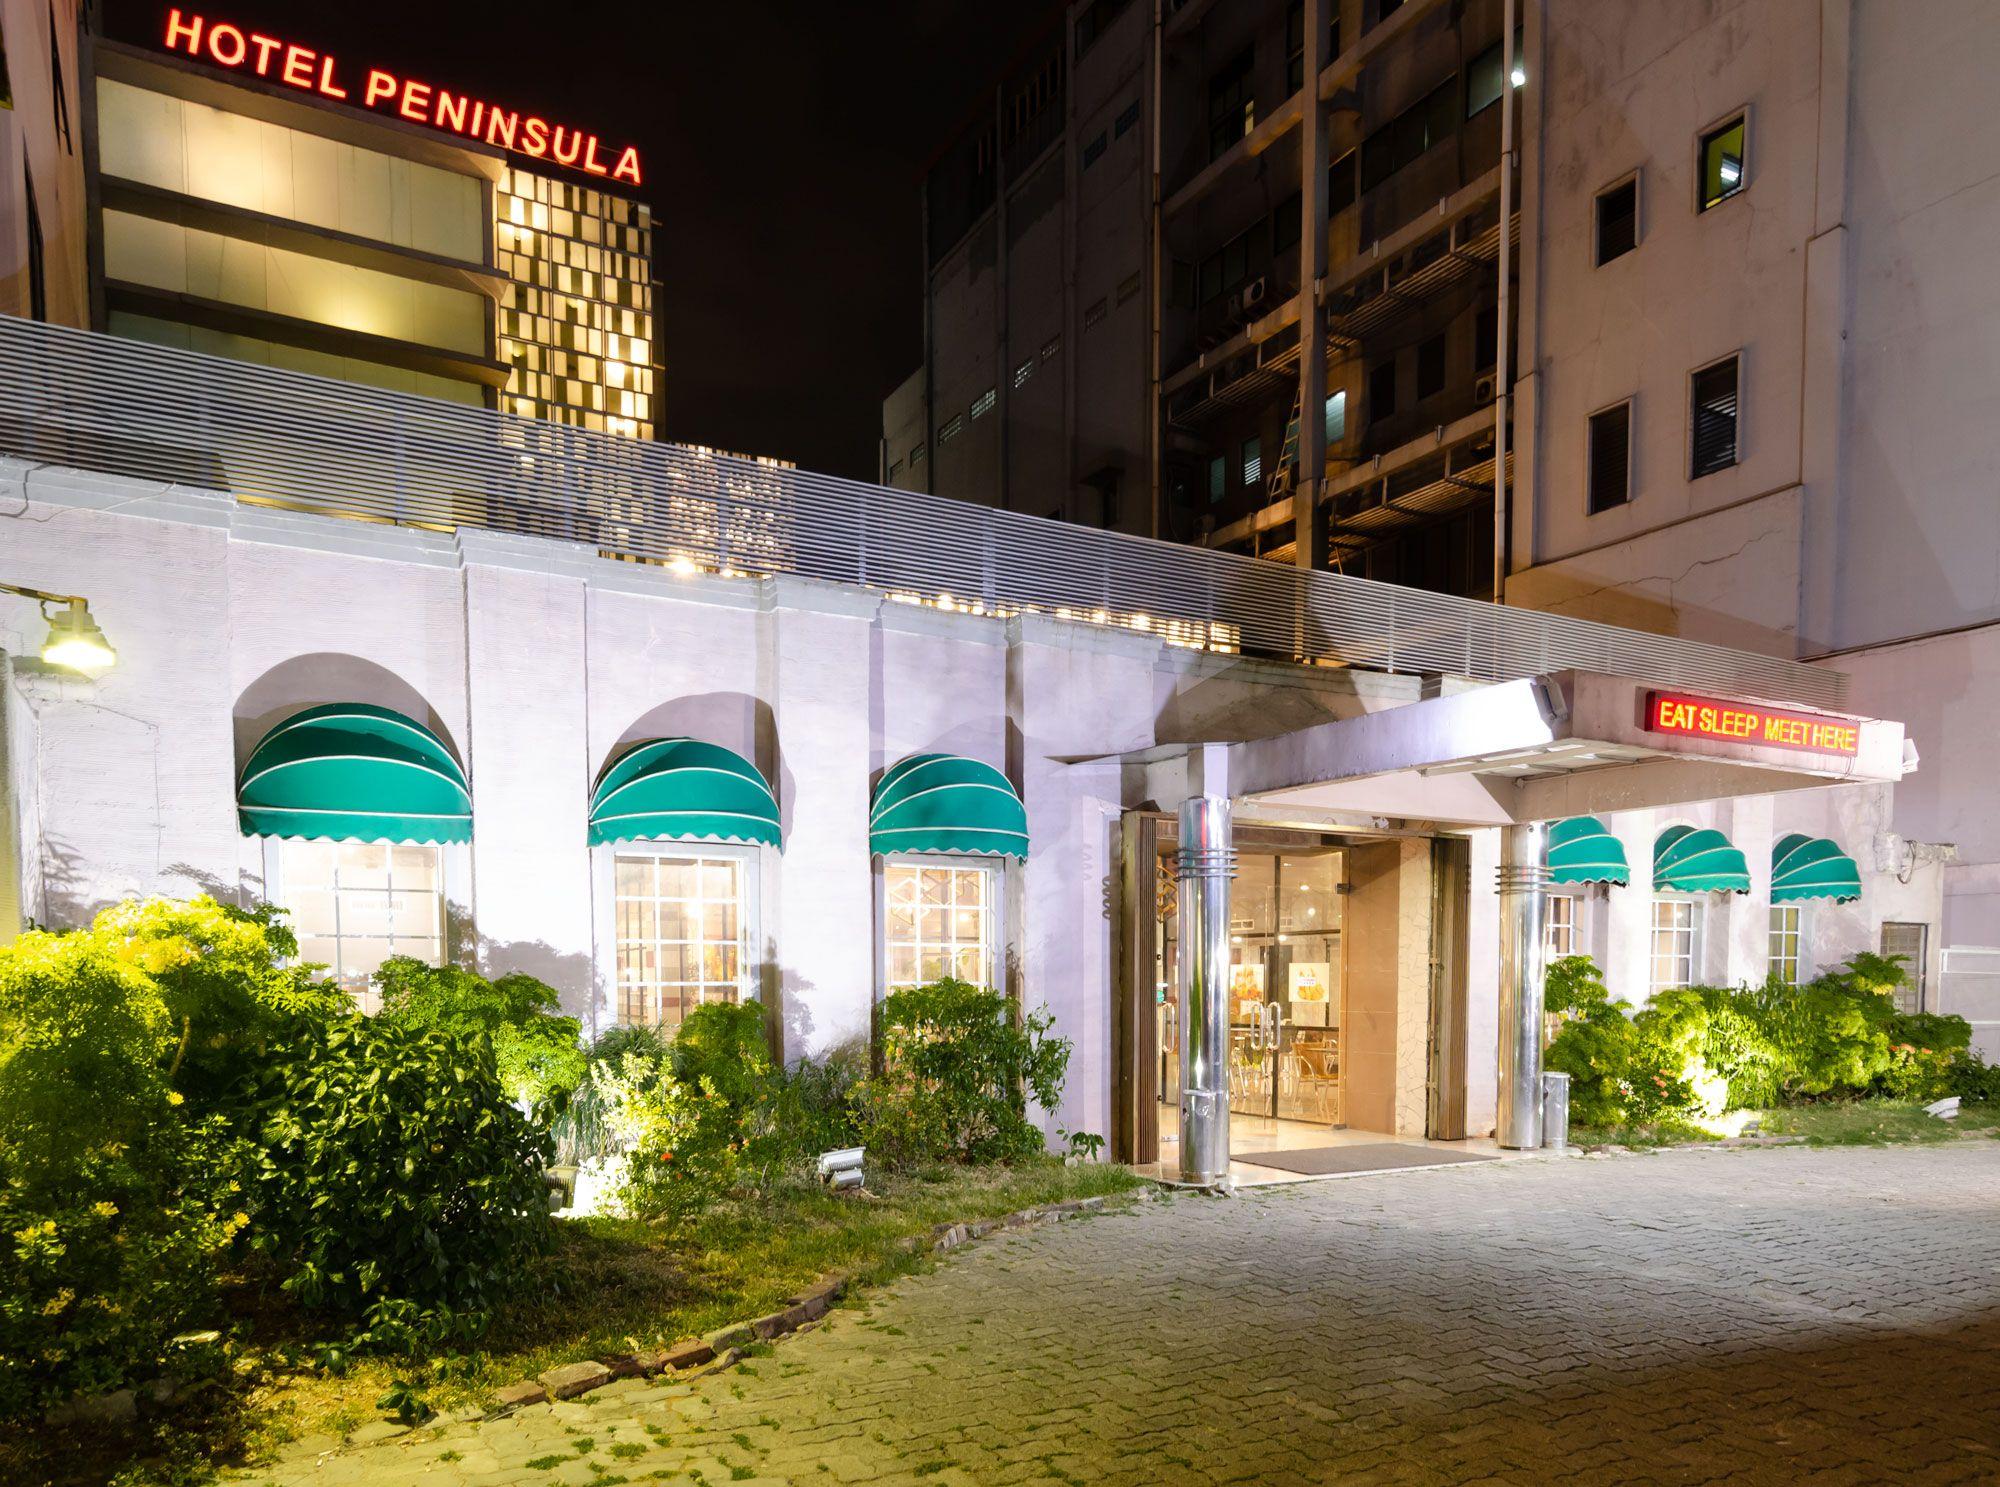 Hotel Peninsula, Mangga Besar, Jakarta Barat